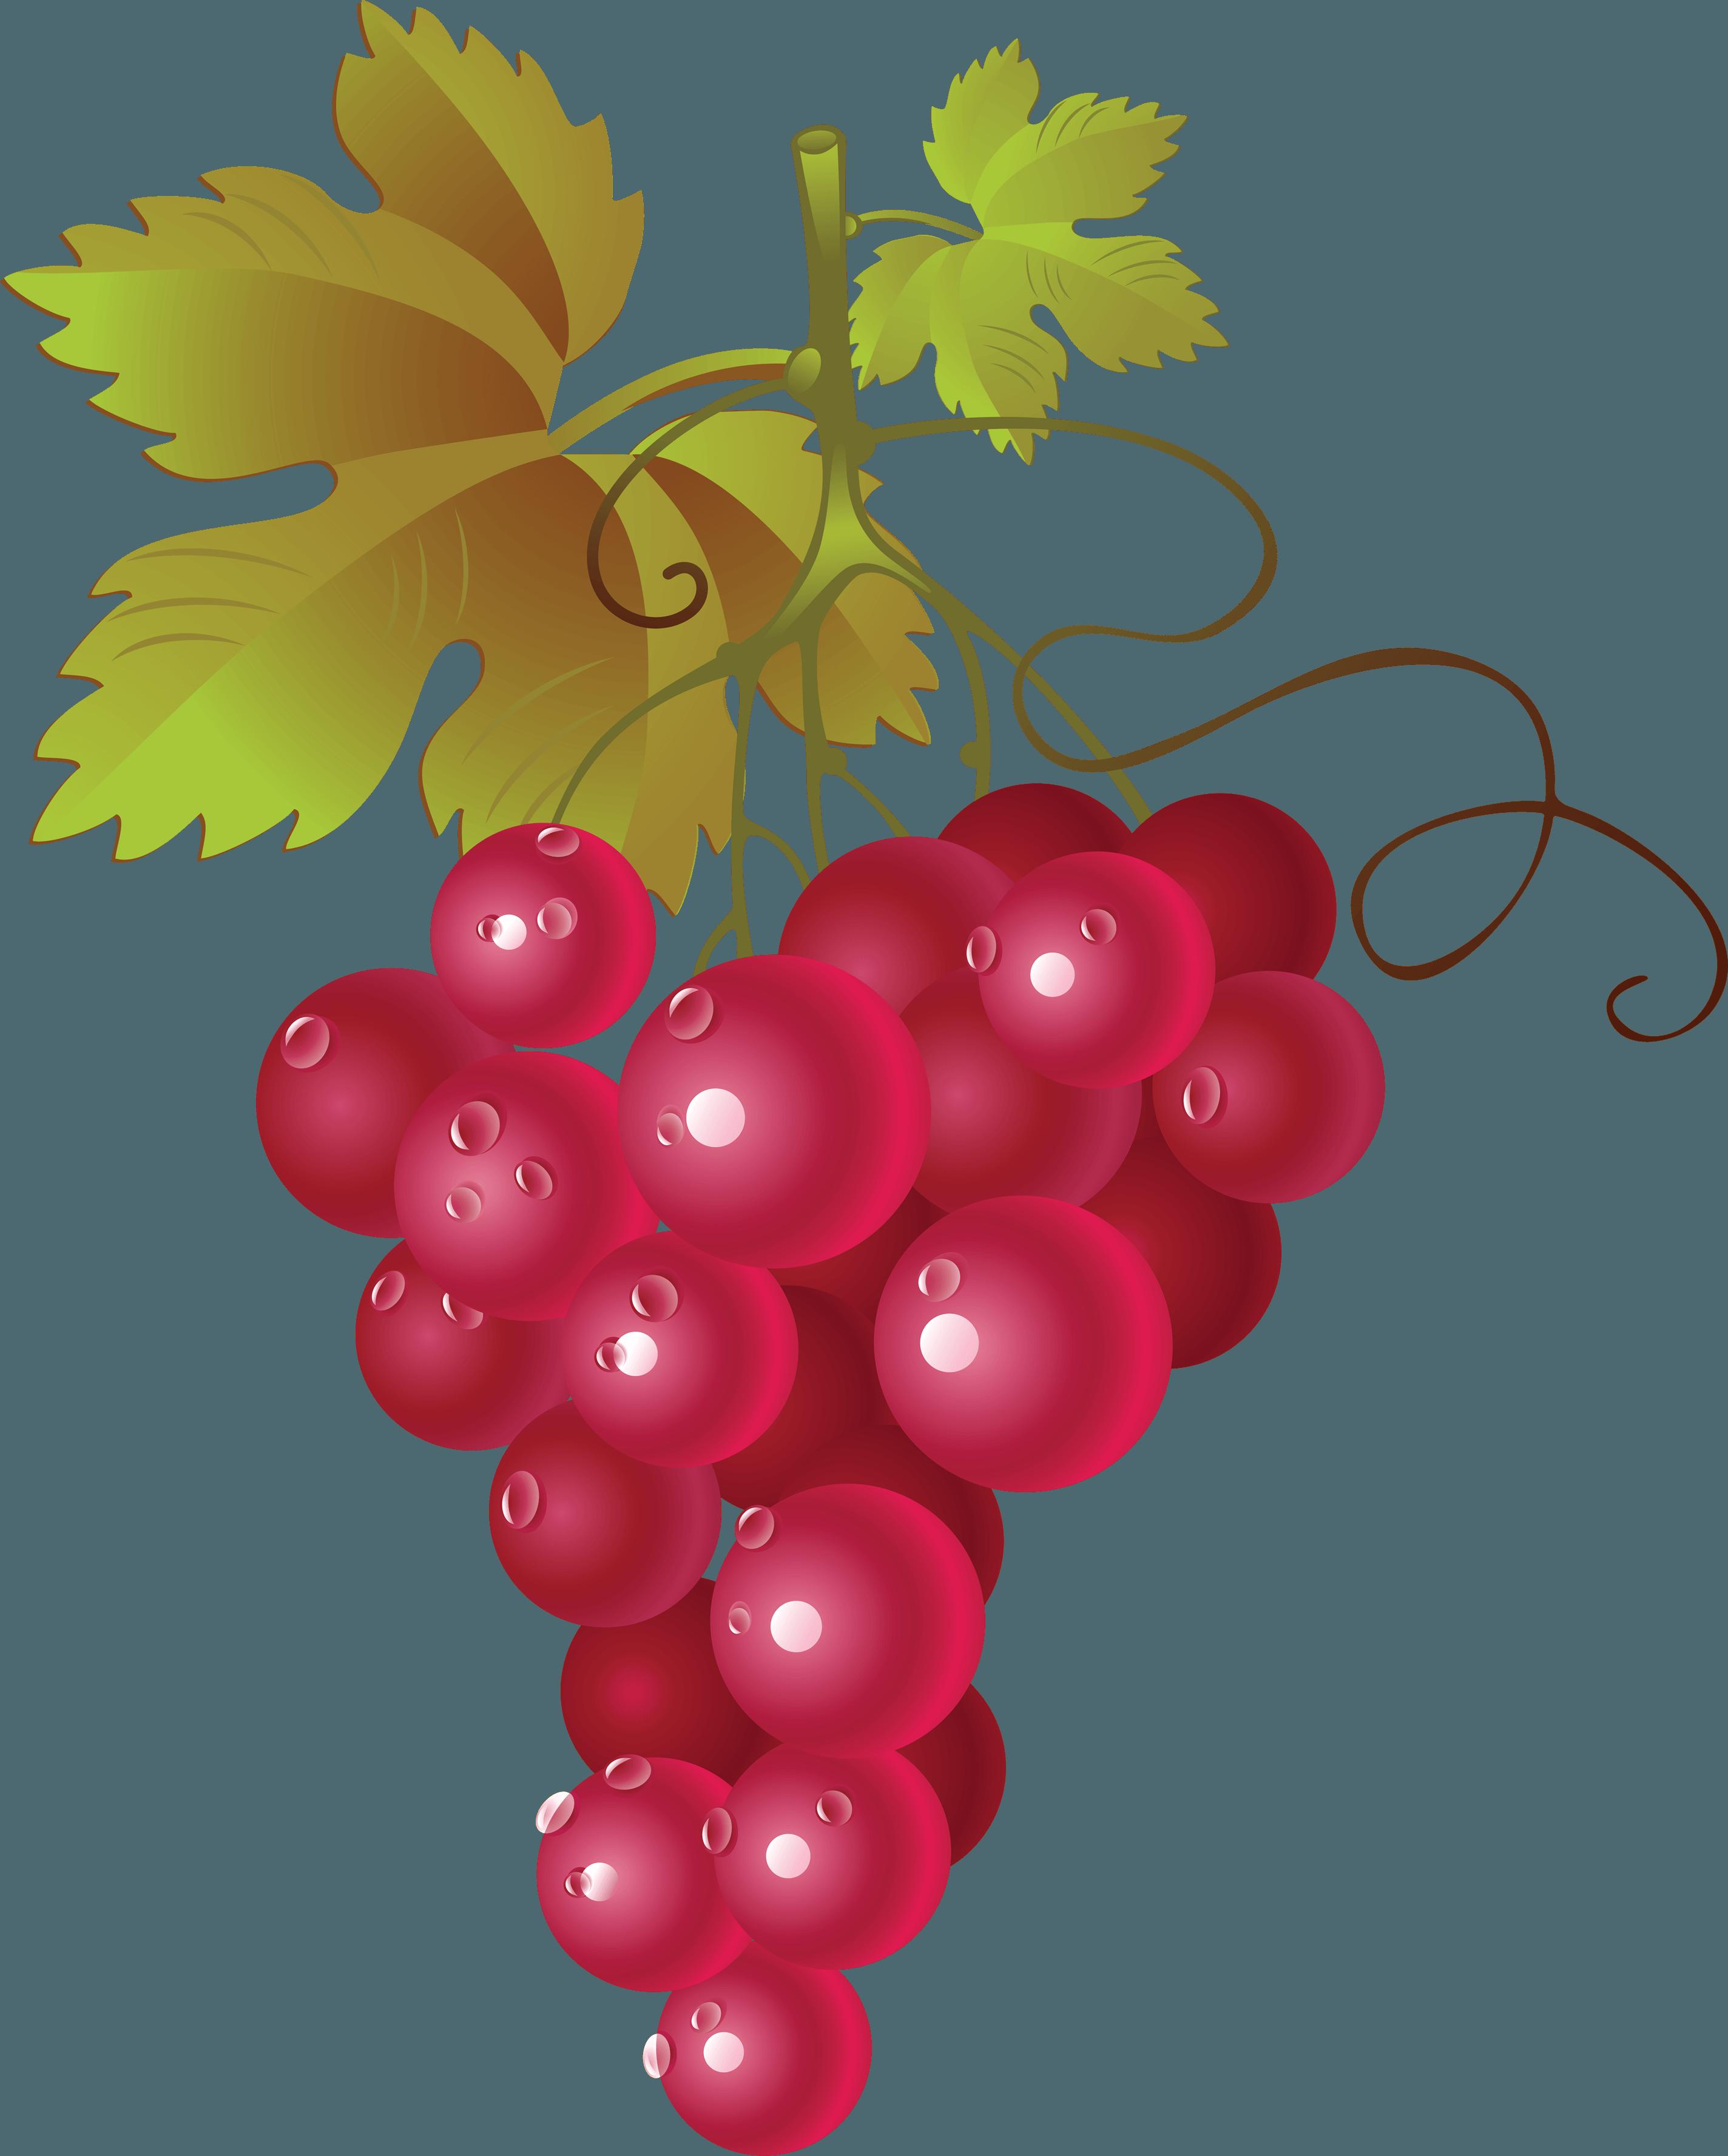 Grapevine clipart blackberry vine. Red wine common grape